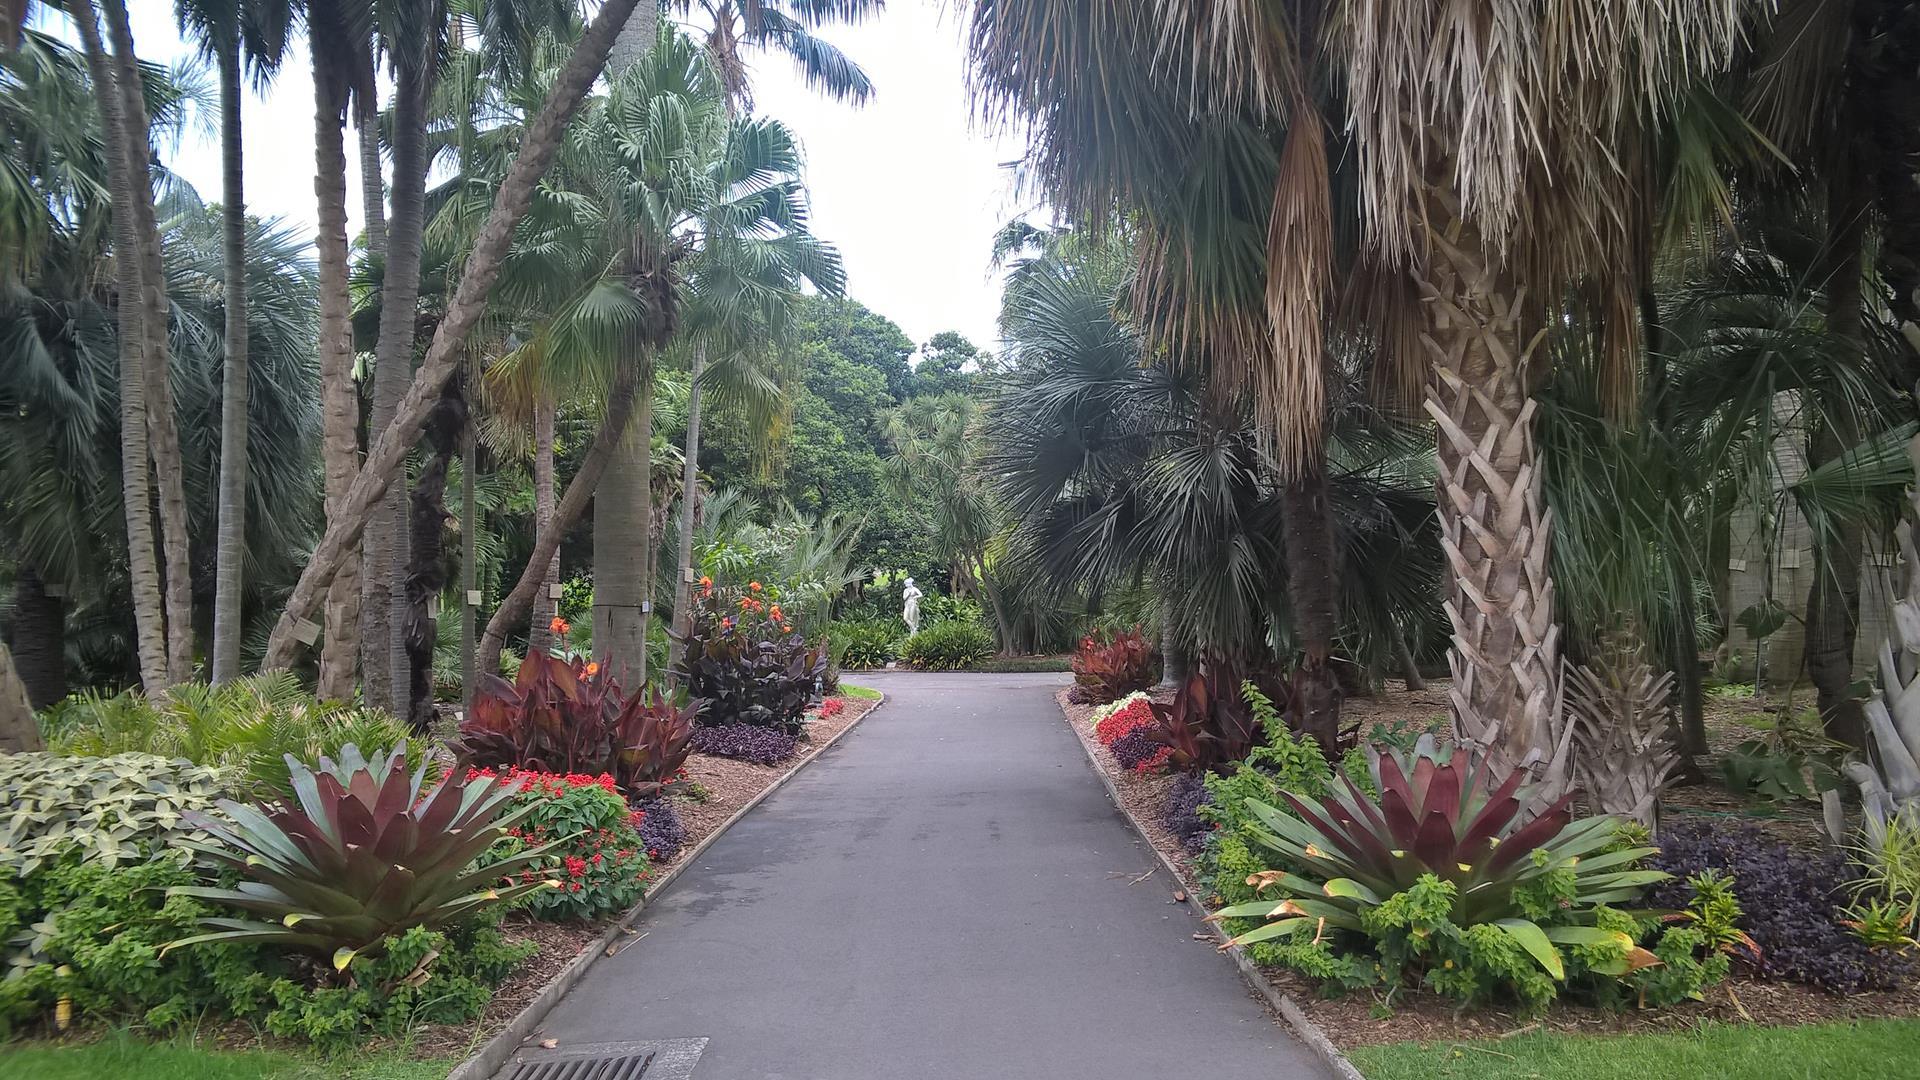 Der royale botanische Garten in Sydeny